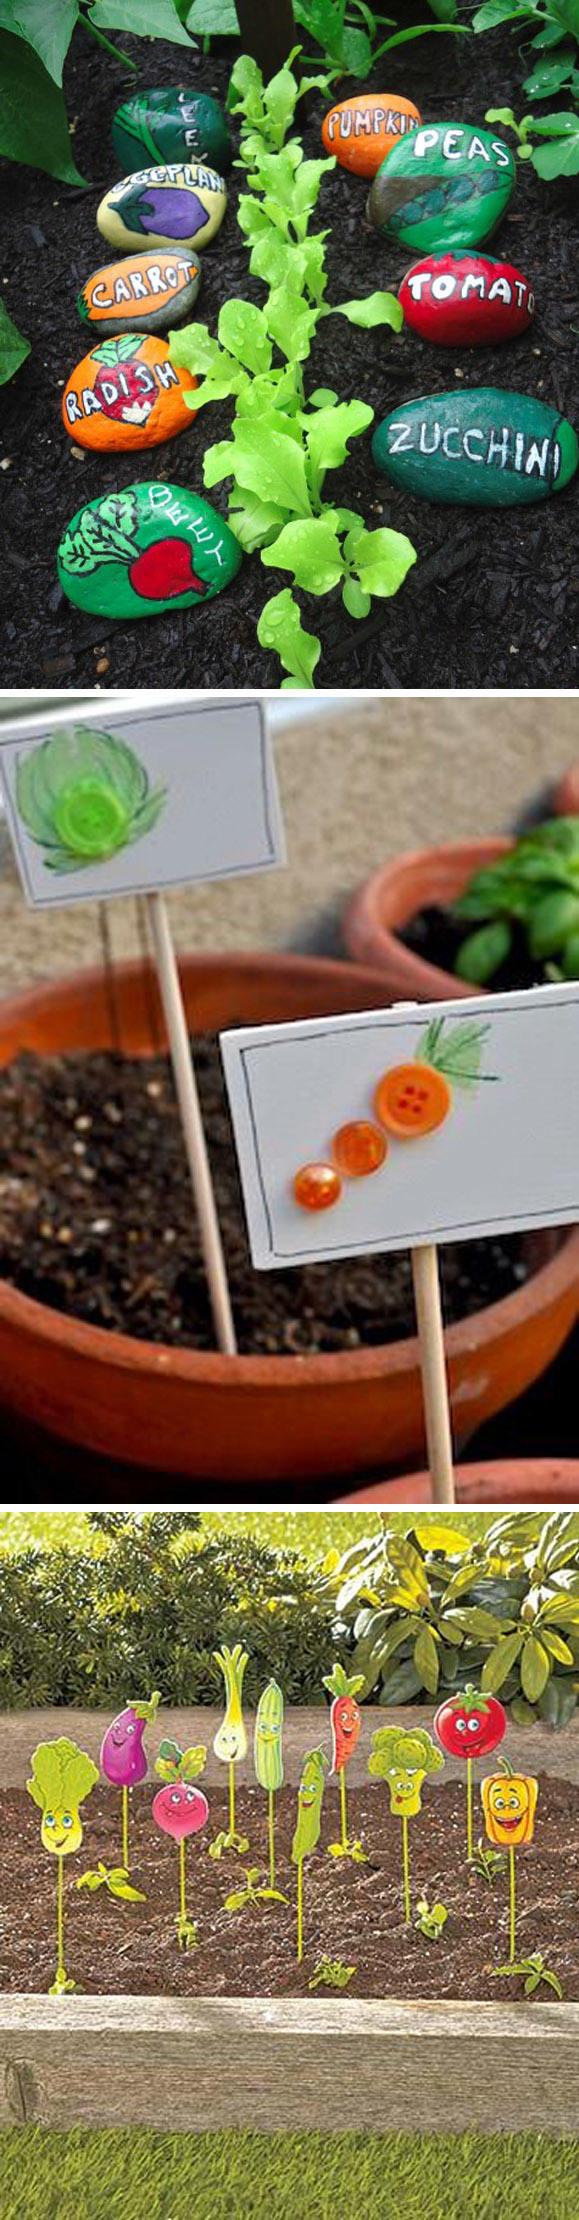 自然区-蔬菜分类 (1).jpg